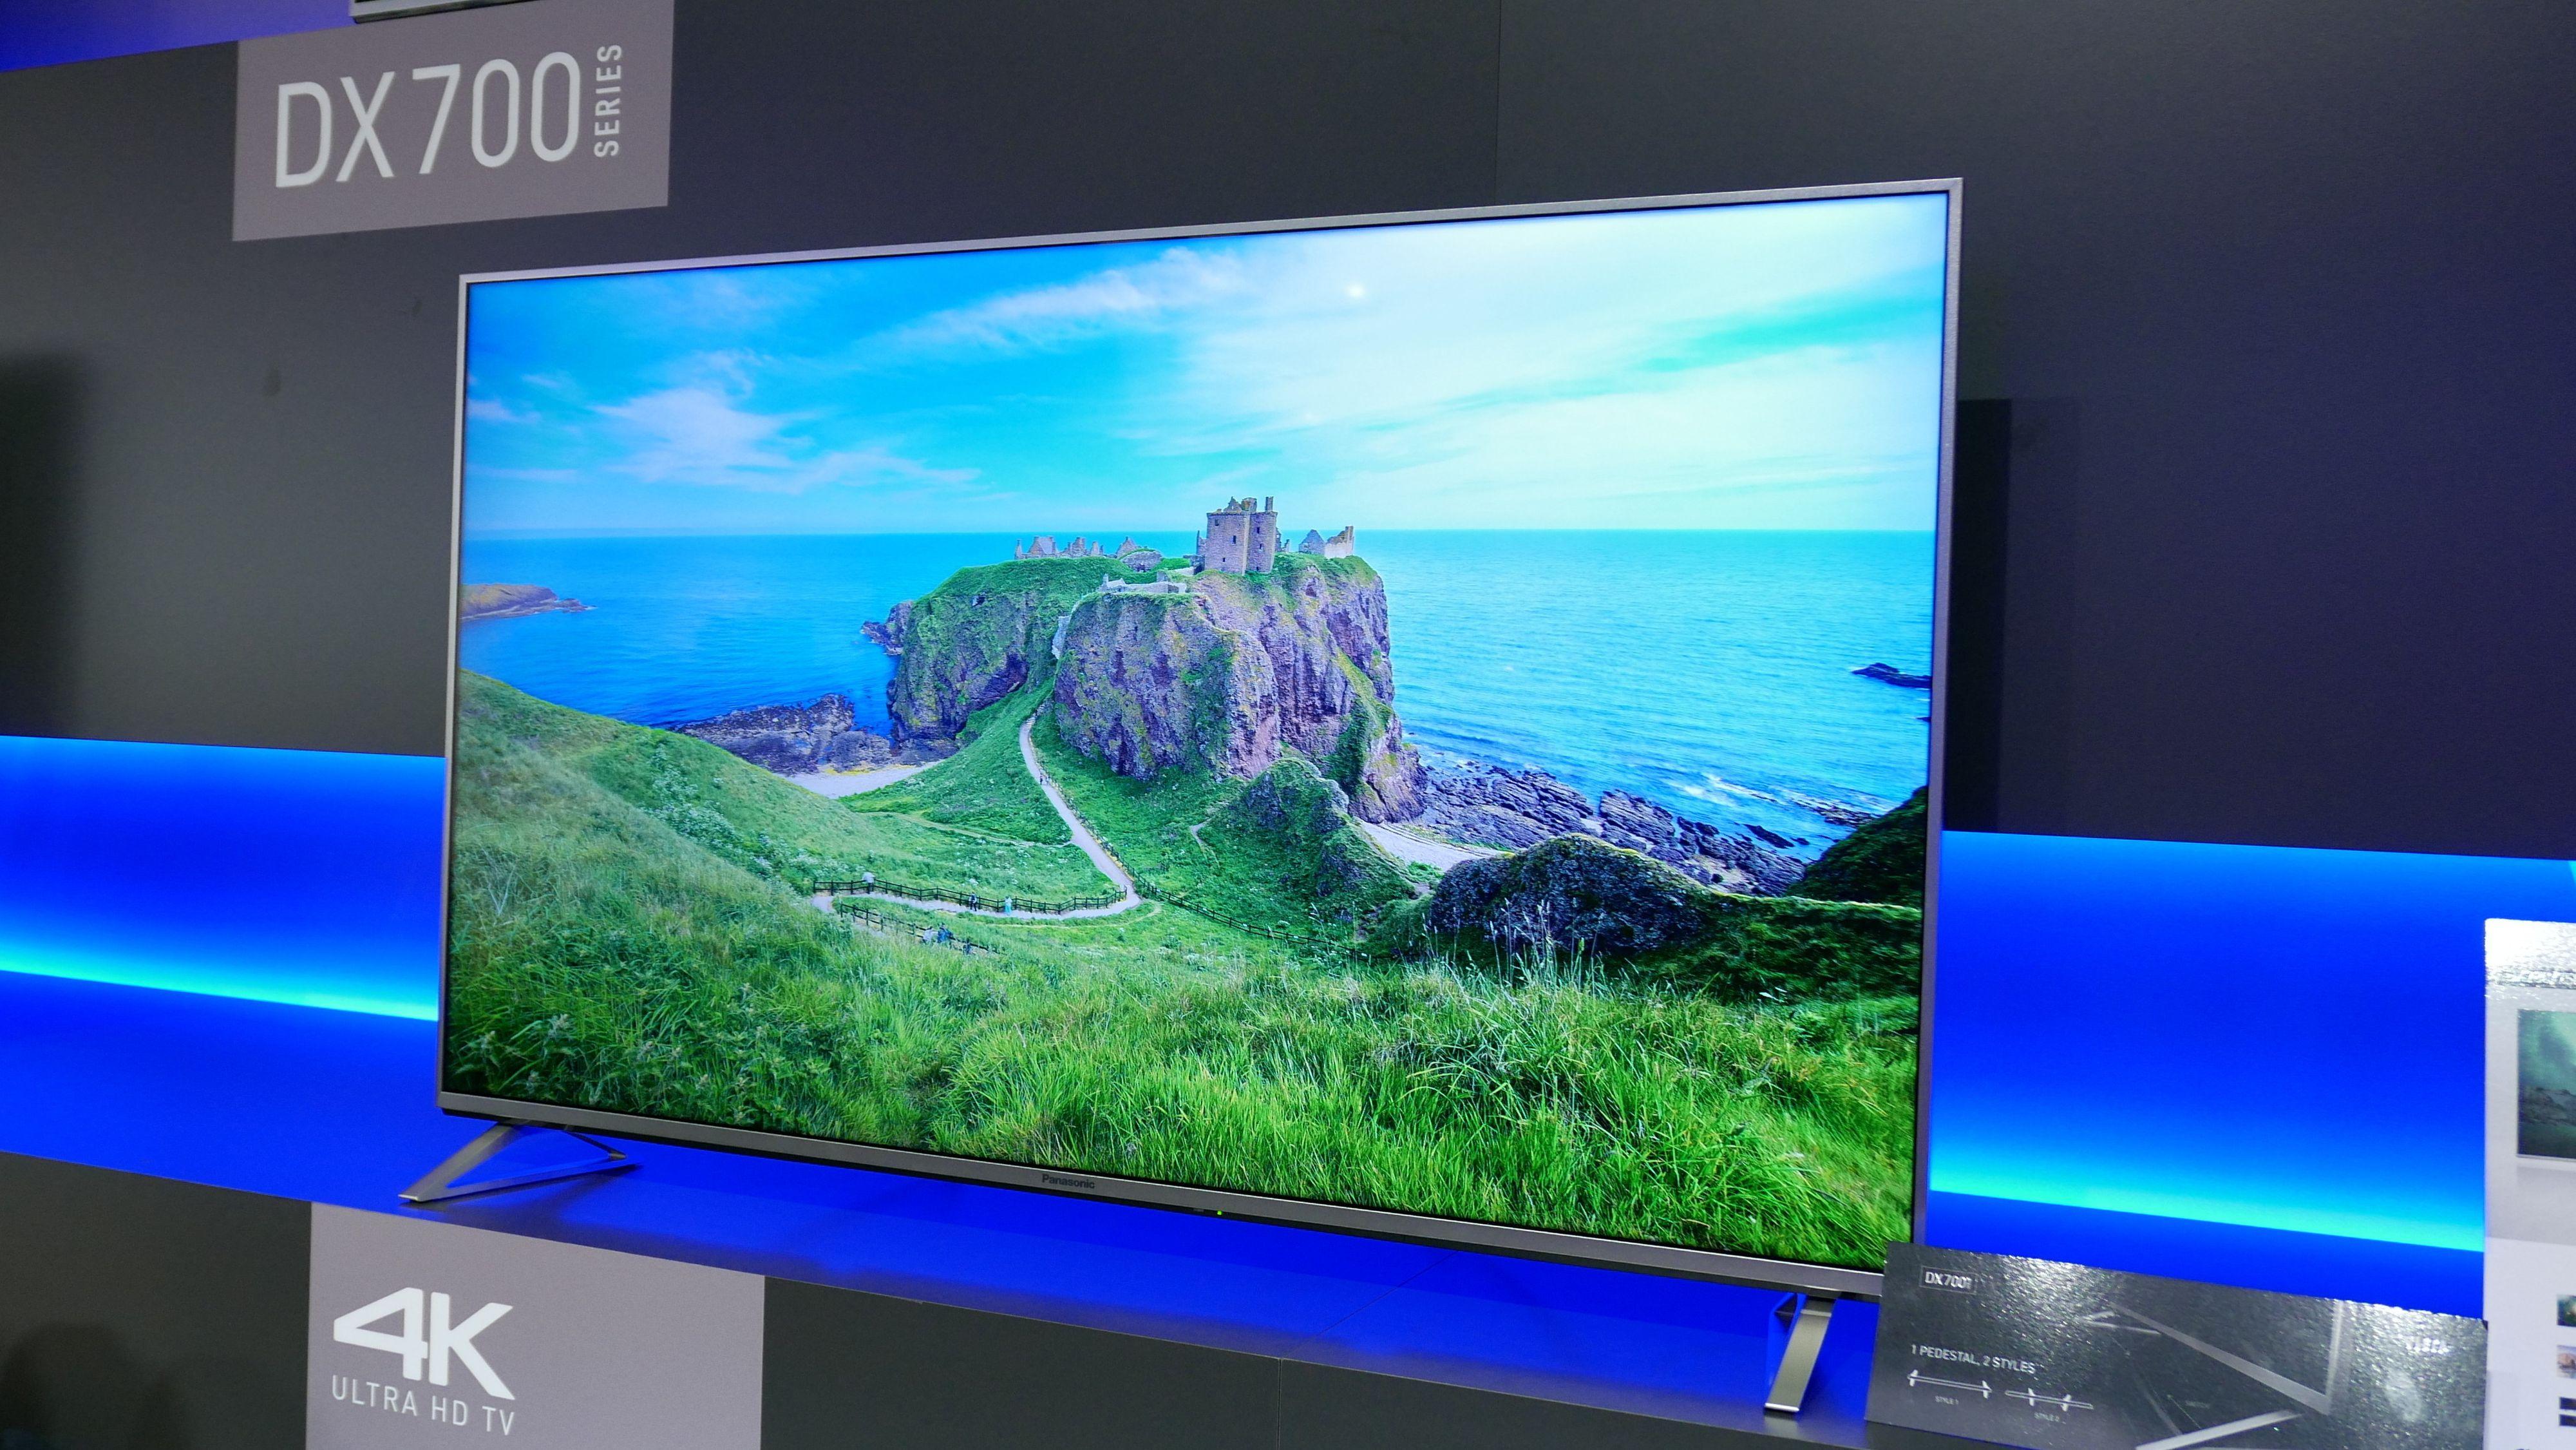 DX700 blir den billigste TV-en som kan ta i mot HDR-signaler.